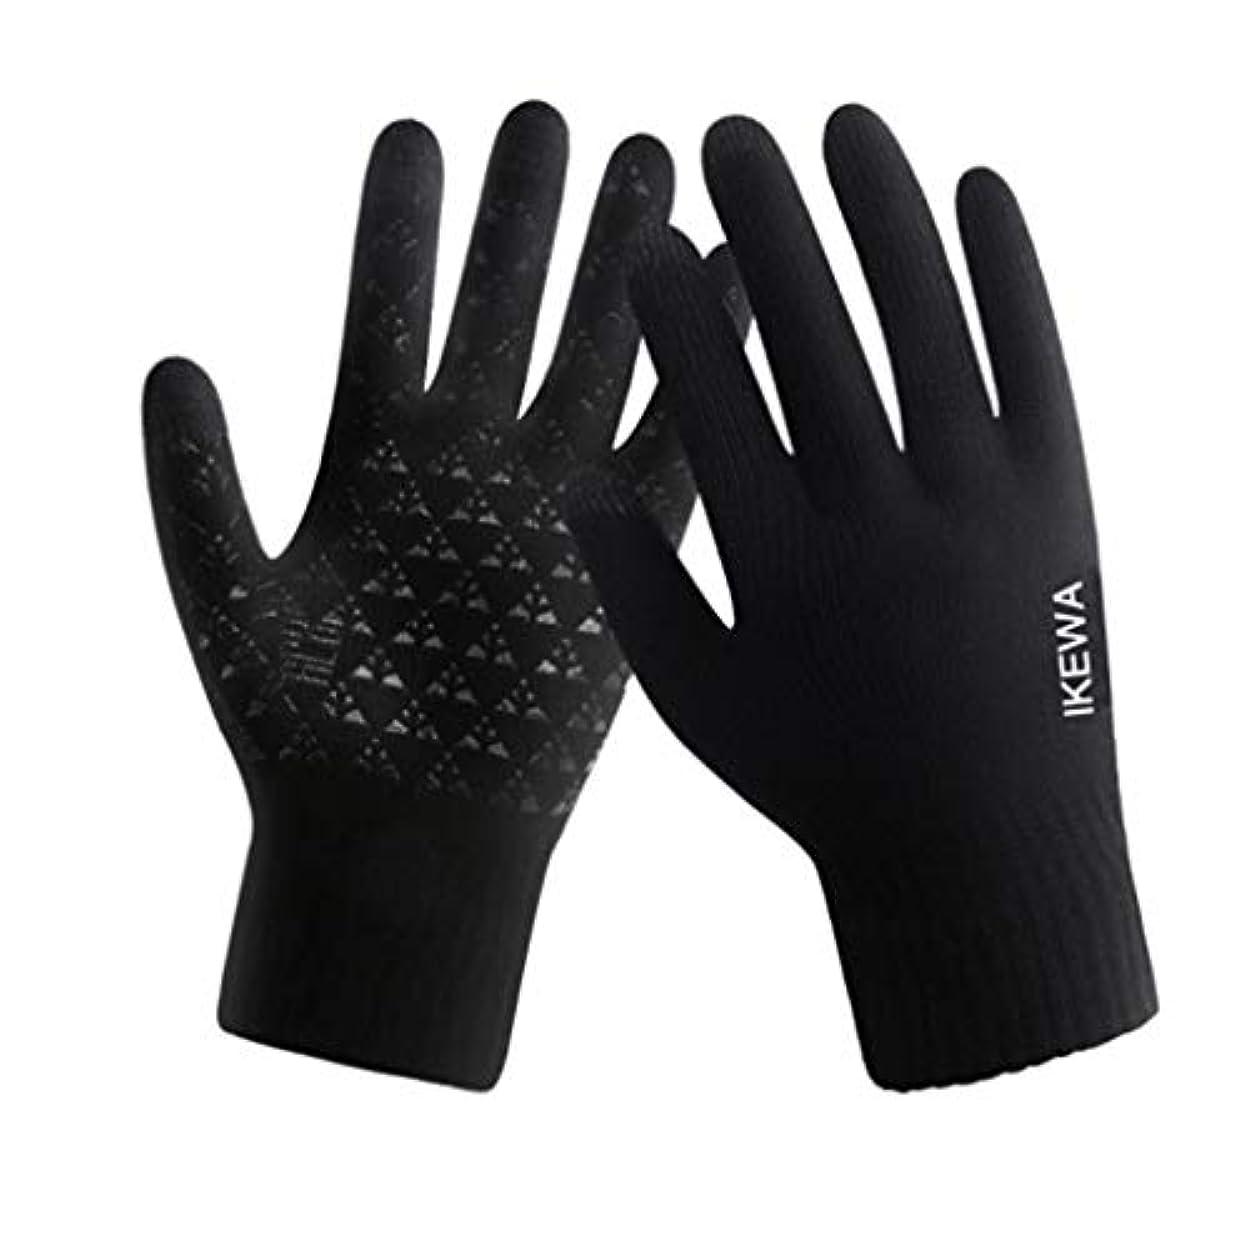 ベジタリアンコンサルタントタバコ冬の羊毛の手袋、男性と女性、サイクリング、暖かいニット、タッチスクリーン、5本指の手袋、黒(男性)